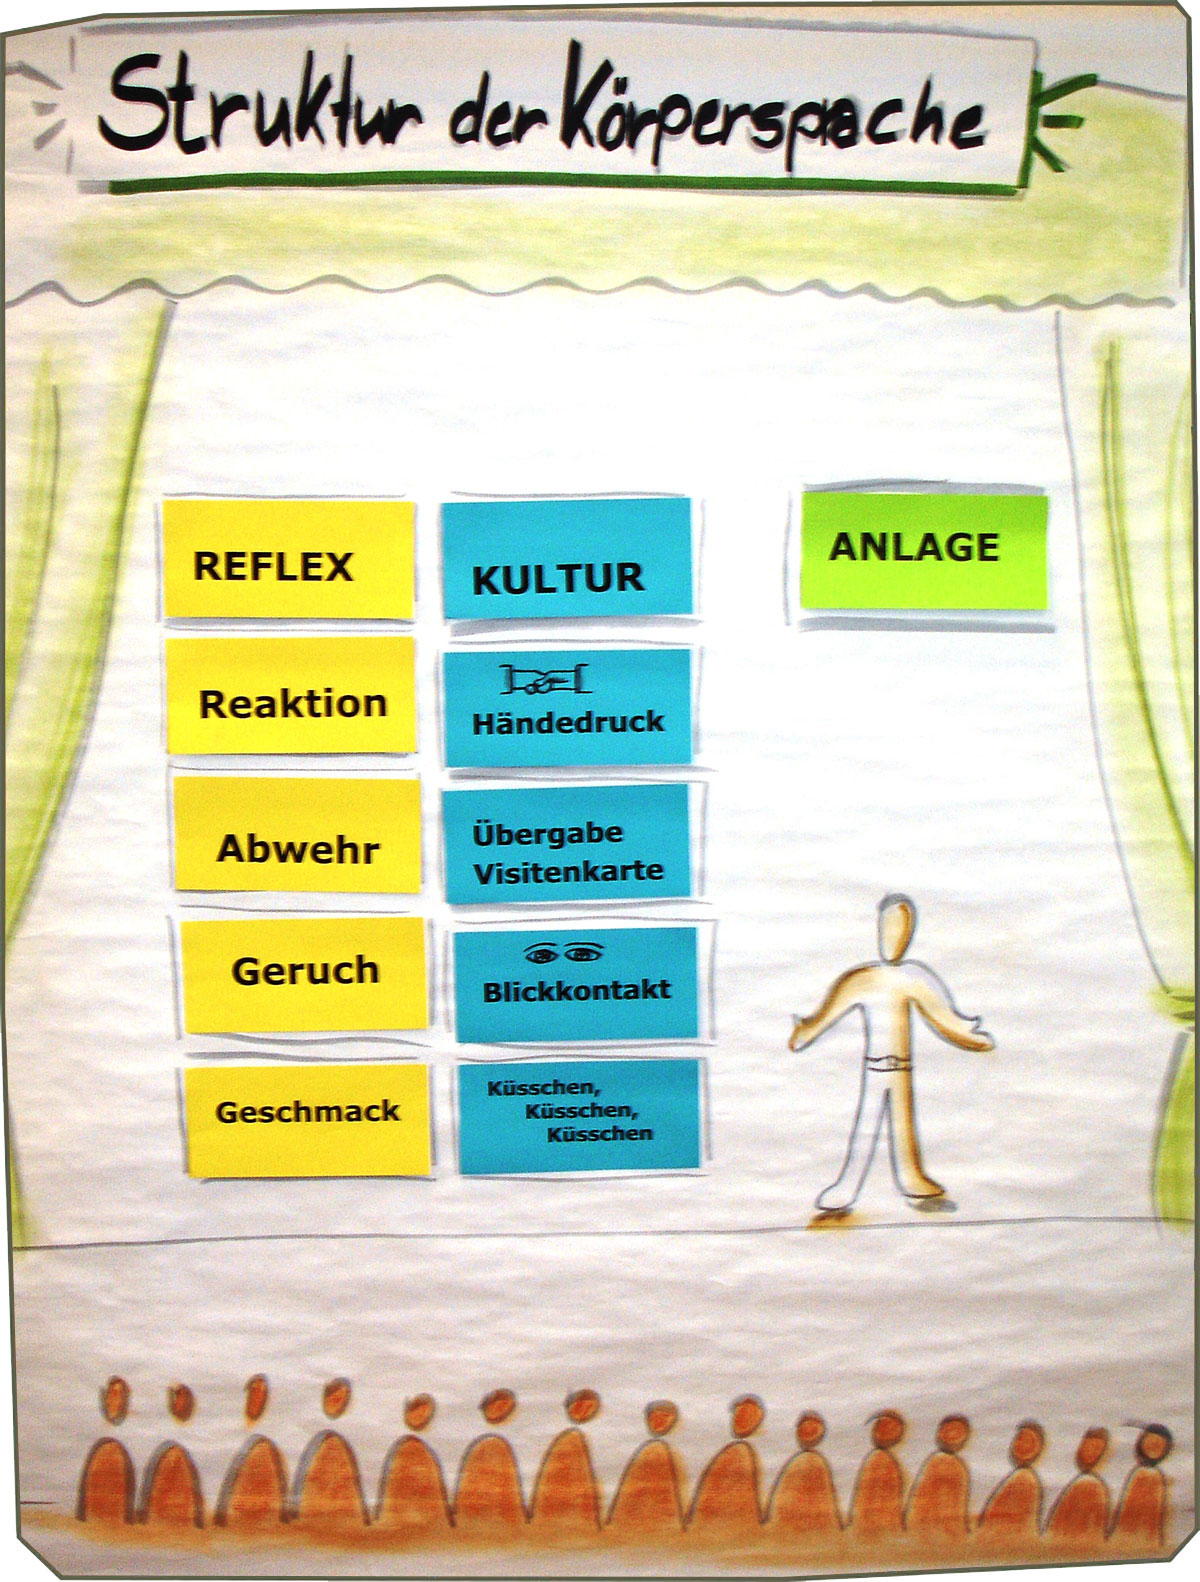 Struktur der Körpersprache